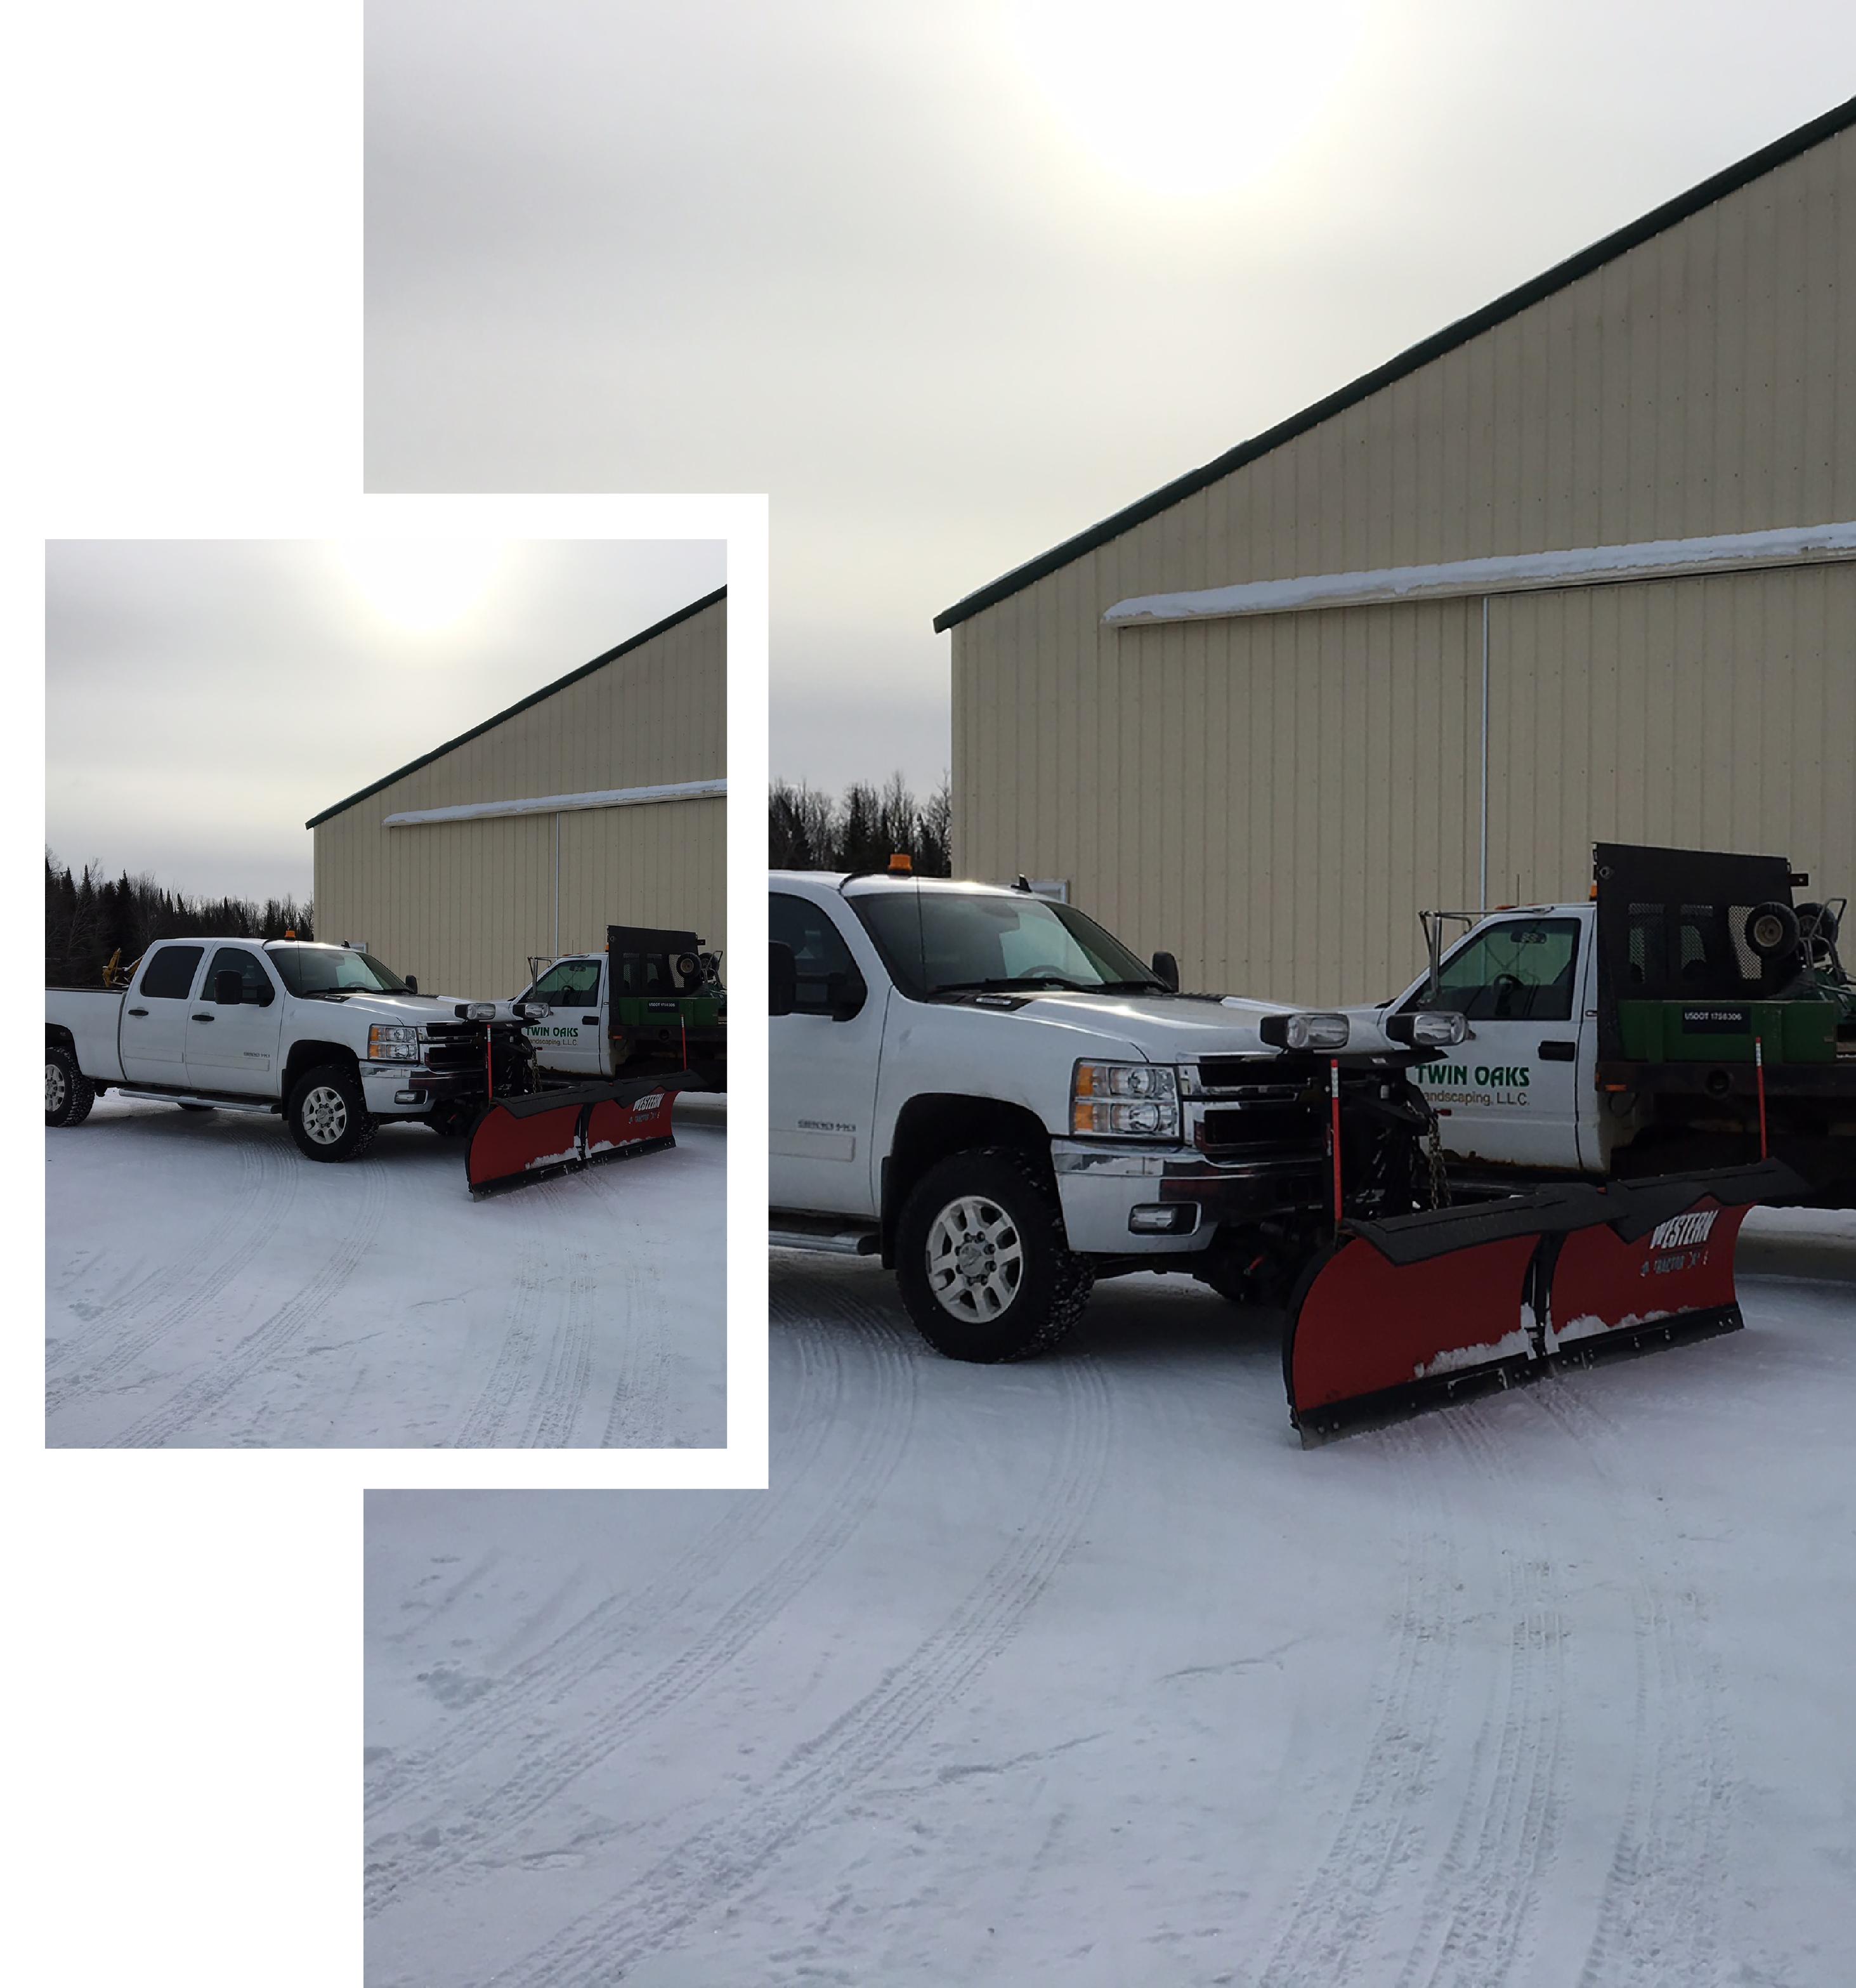 Twin Oaks Landscaping plow trucks